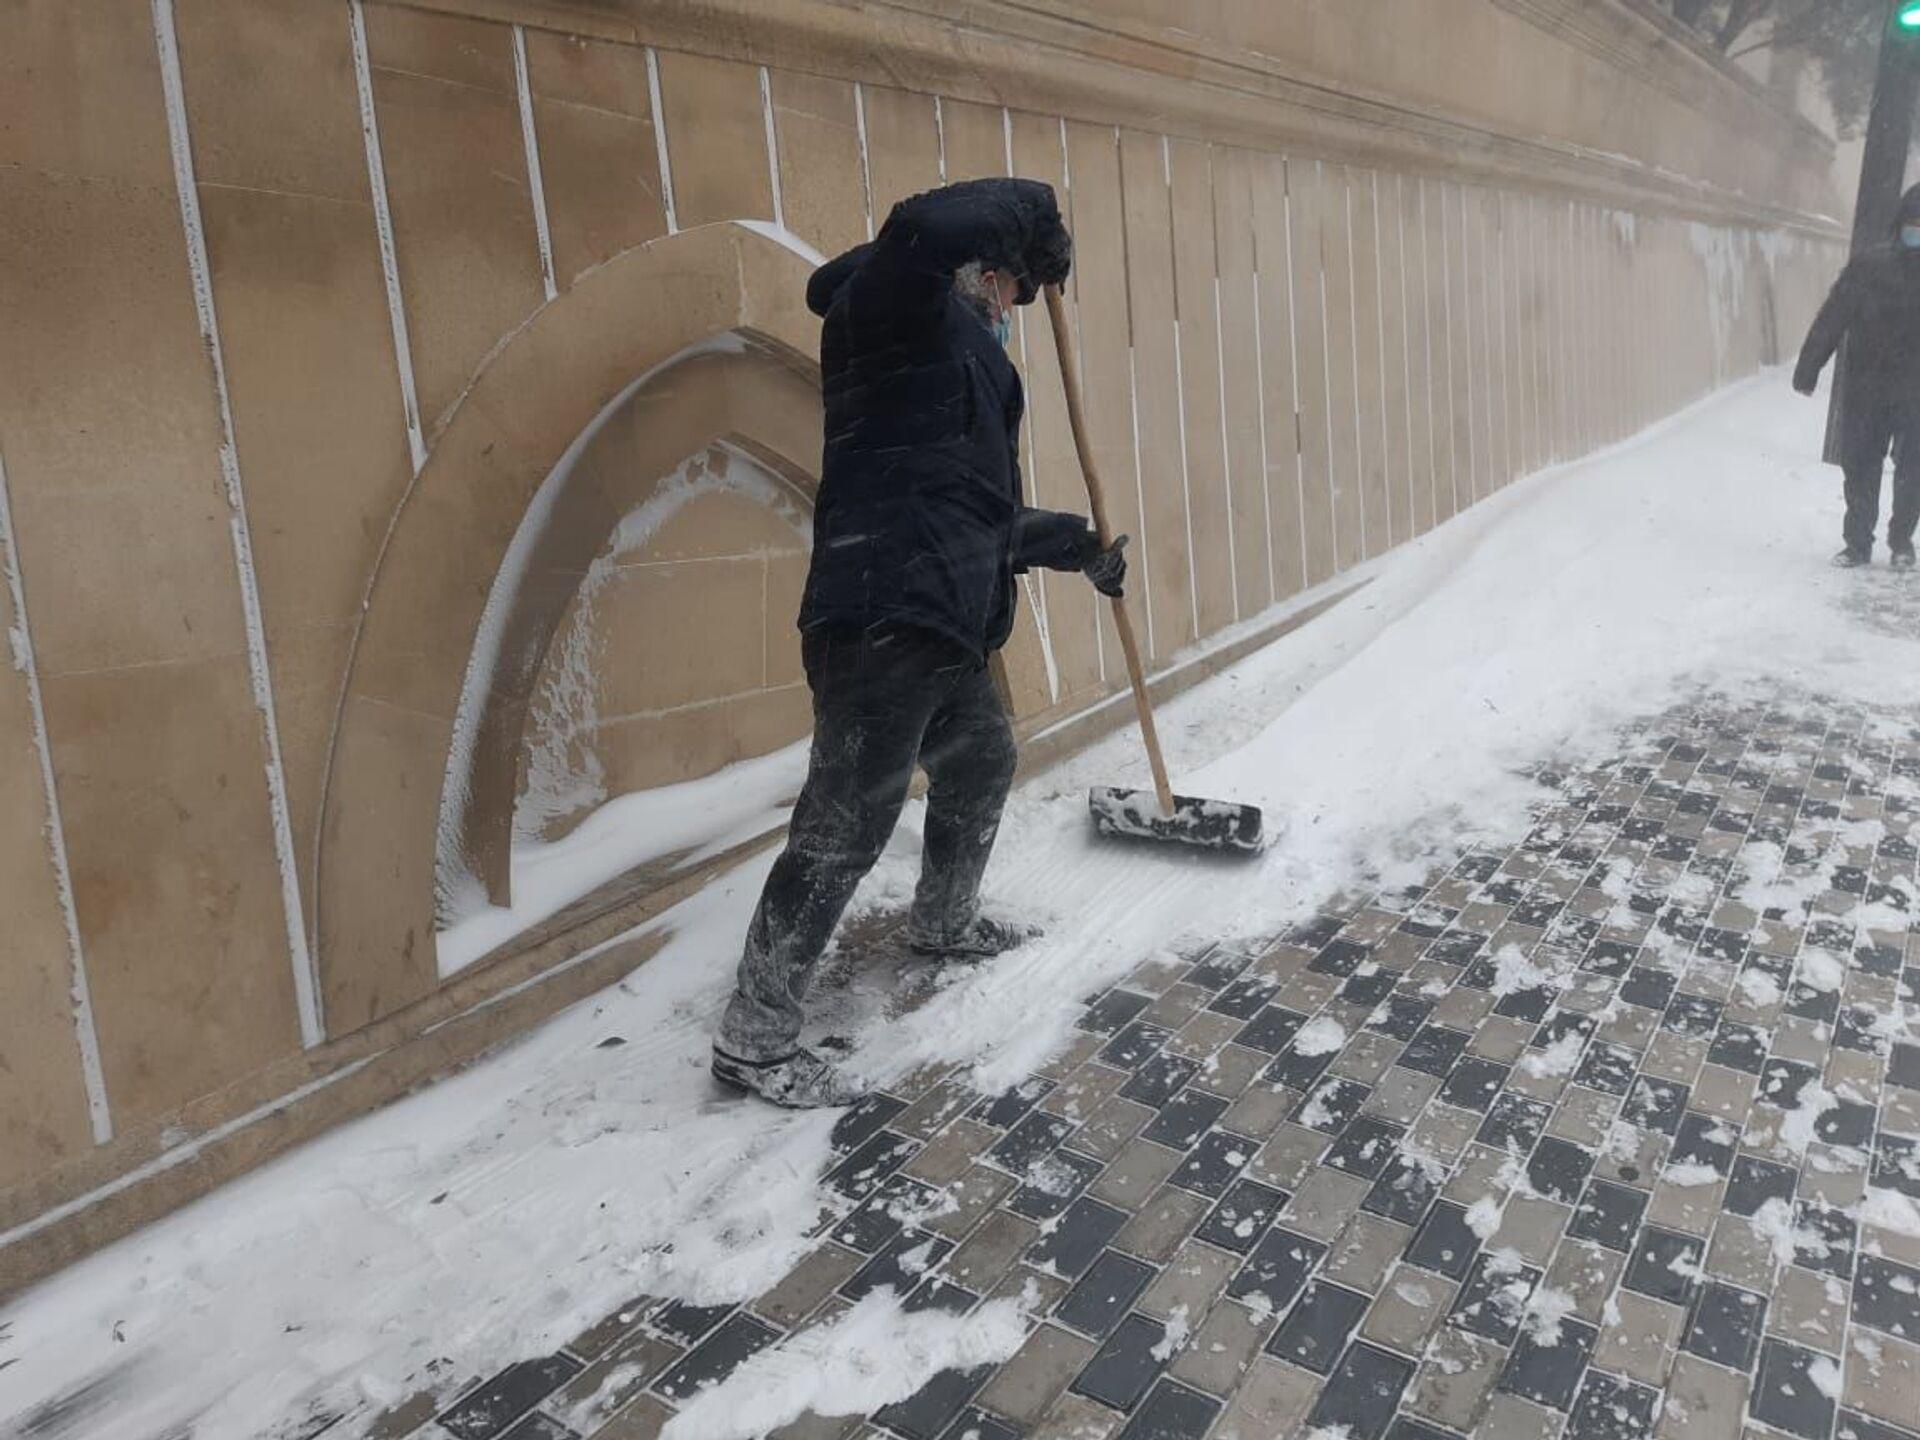 В Баку обещают весь день посыпать дороги и очищать их от снега - фото - Sputnik Азербайджан, 1920, 24.02.2021